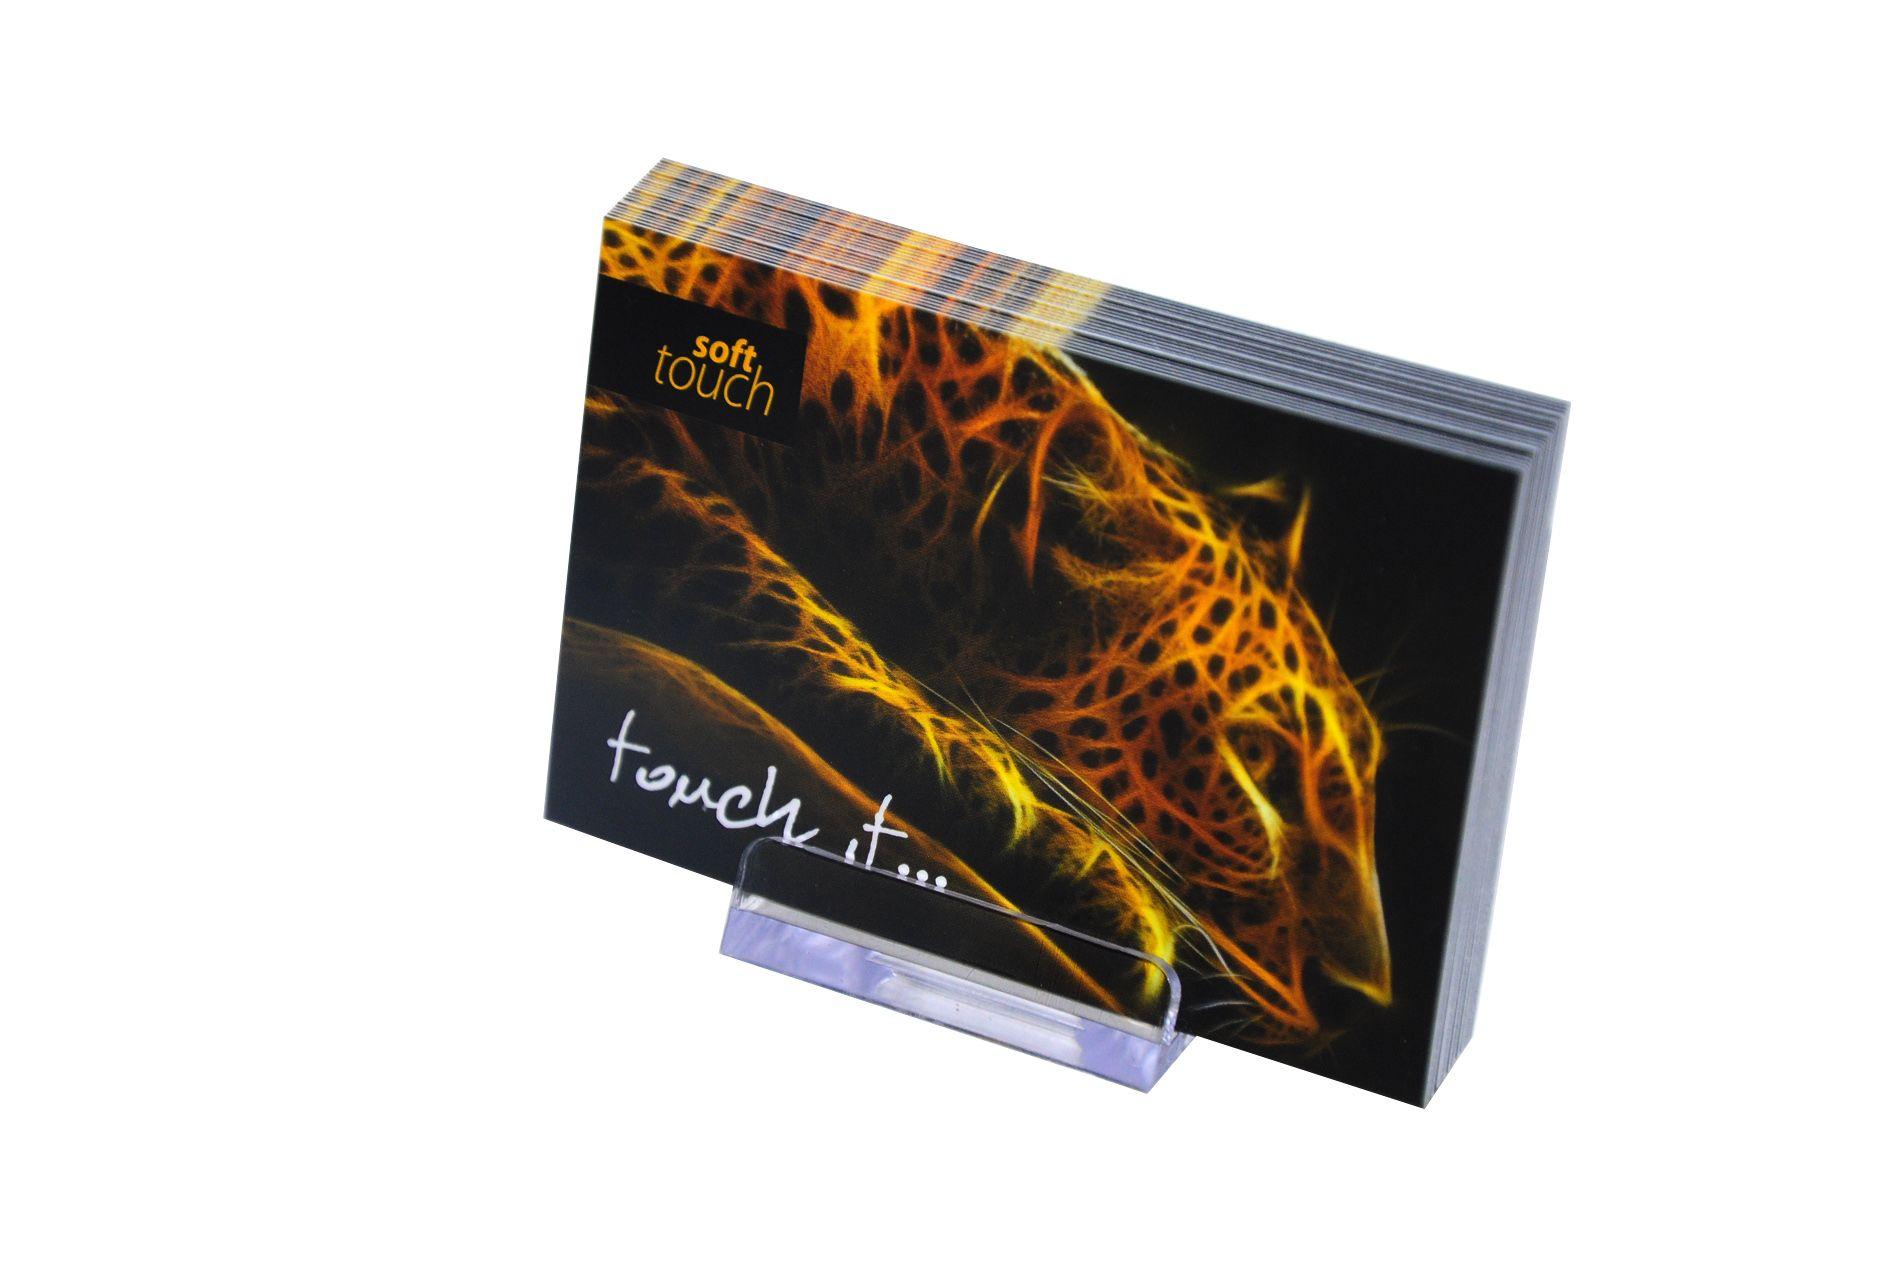 Visitenkarte mit Softtouch-Folie